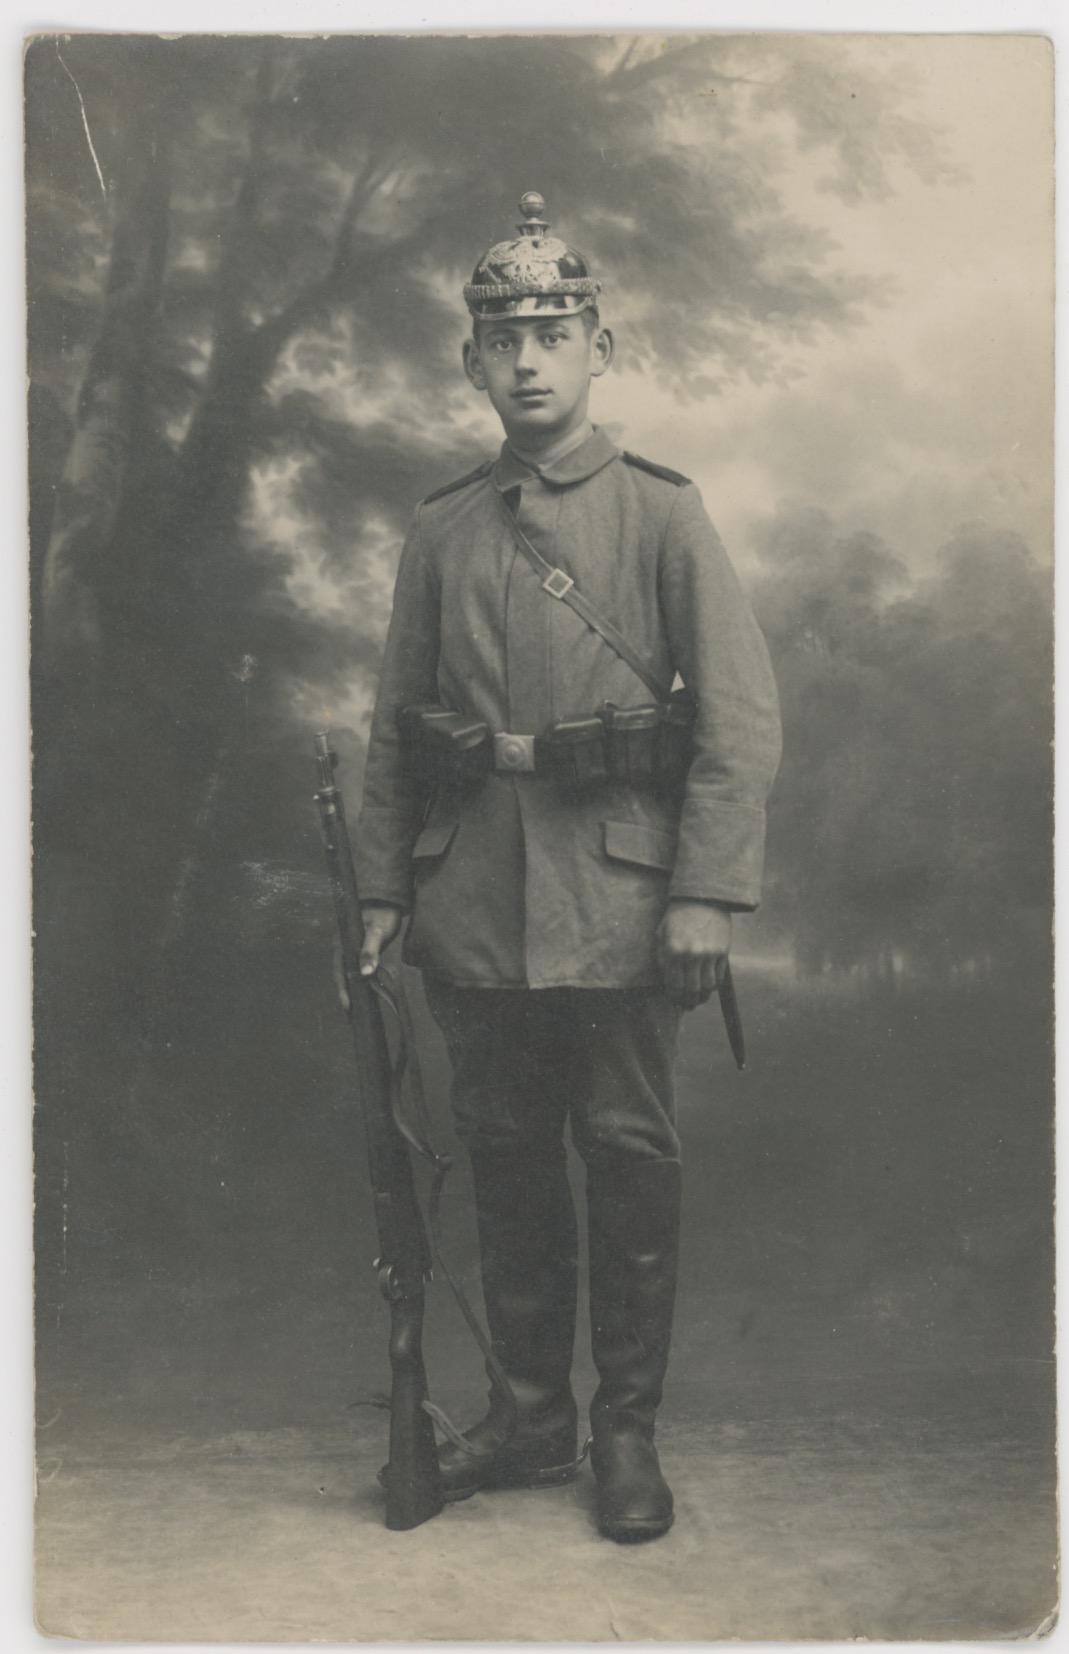 5 Cartes Anciennes Photographie - Guerre 14/18 - Armée Allemande - Artilleur - Alsacien - Conscription - Front Est